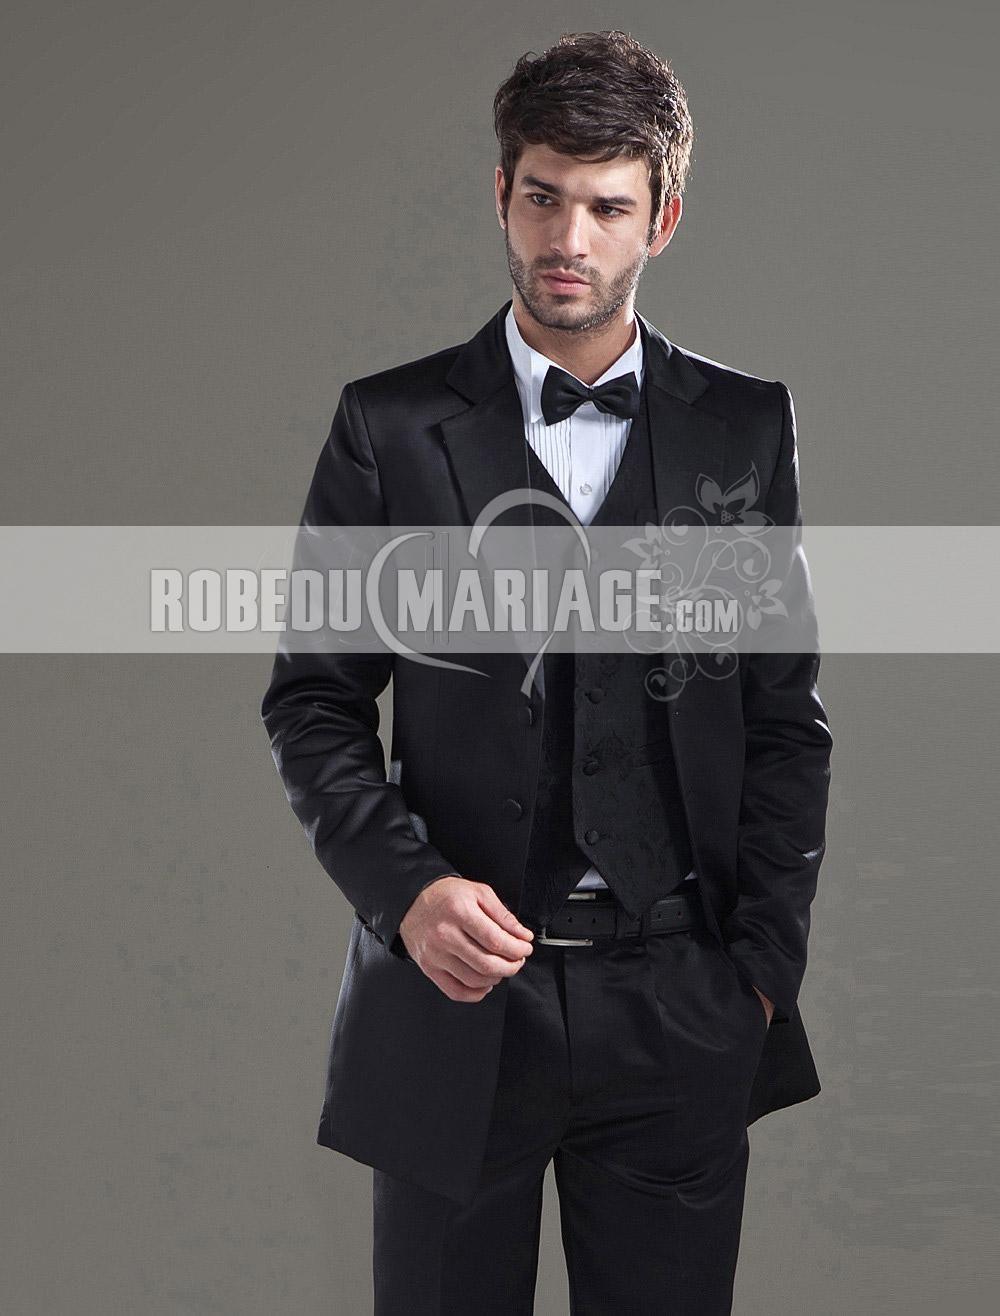 costumes homme costumes de mari pas cher sur mesure disponible prix 10599 - Costume Jaquette Mariage